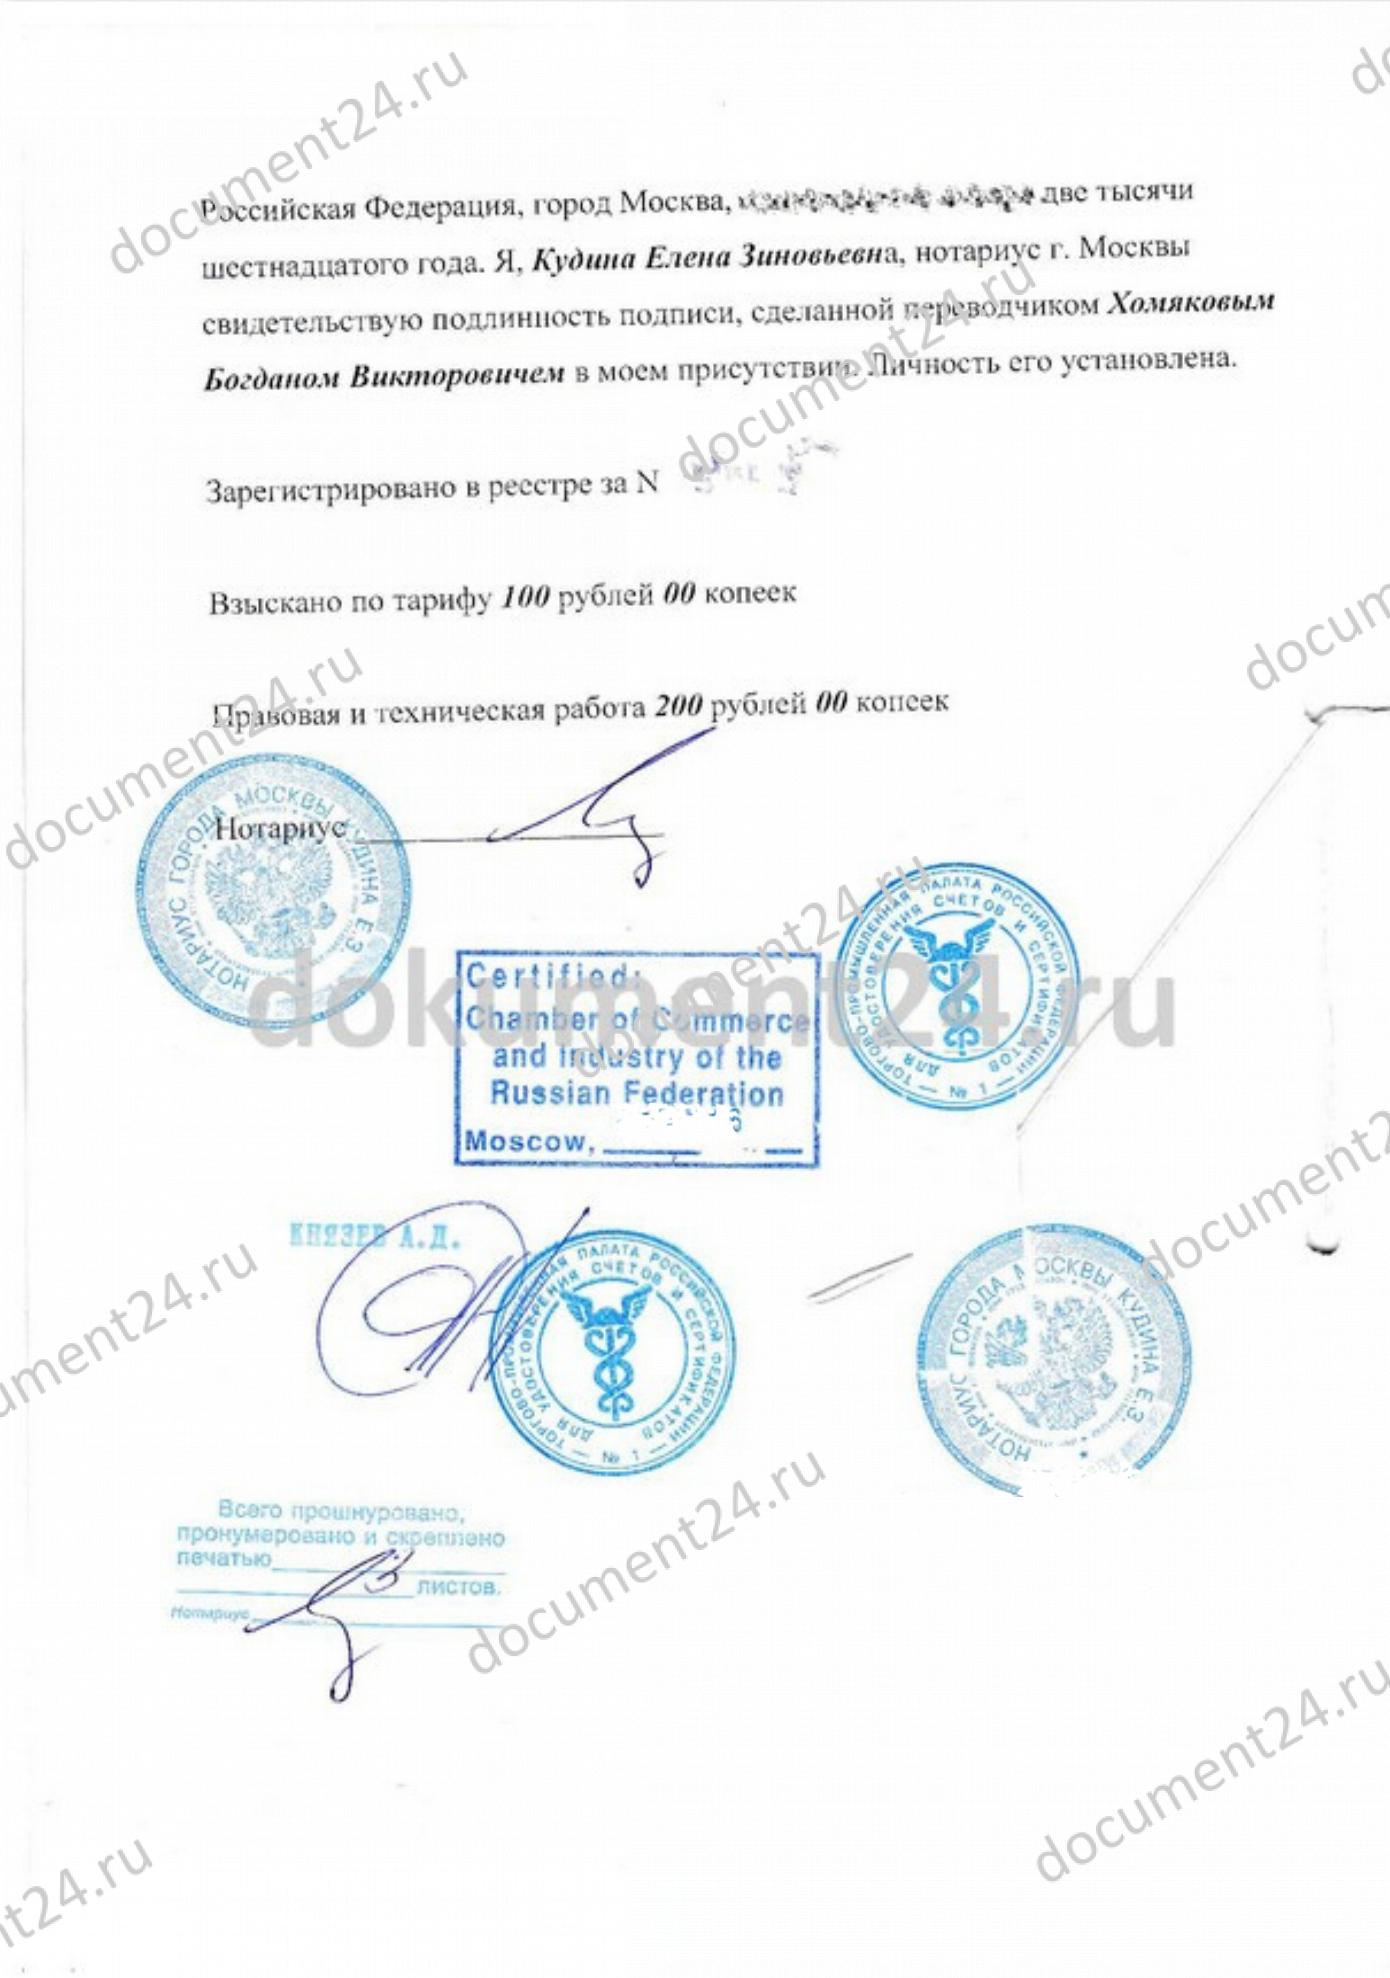 khalyal sertifikat zaverenie tpp